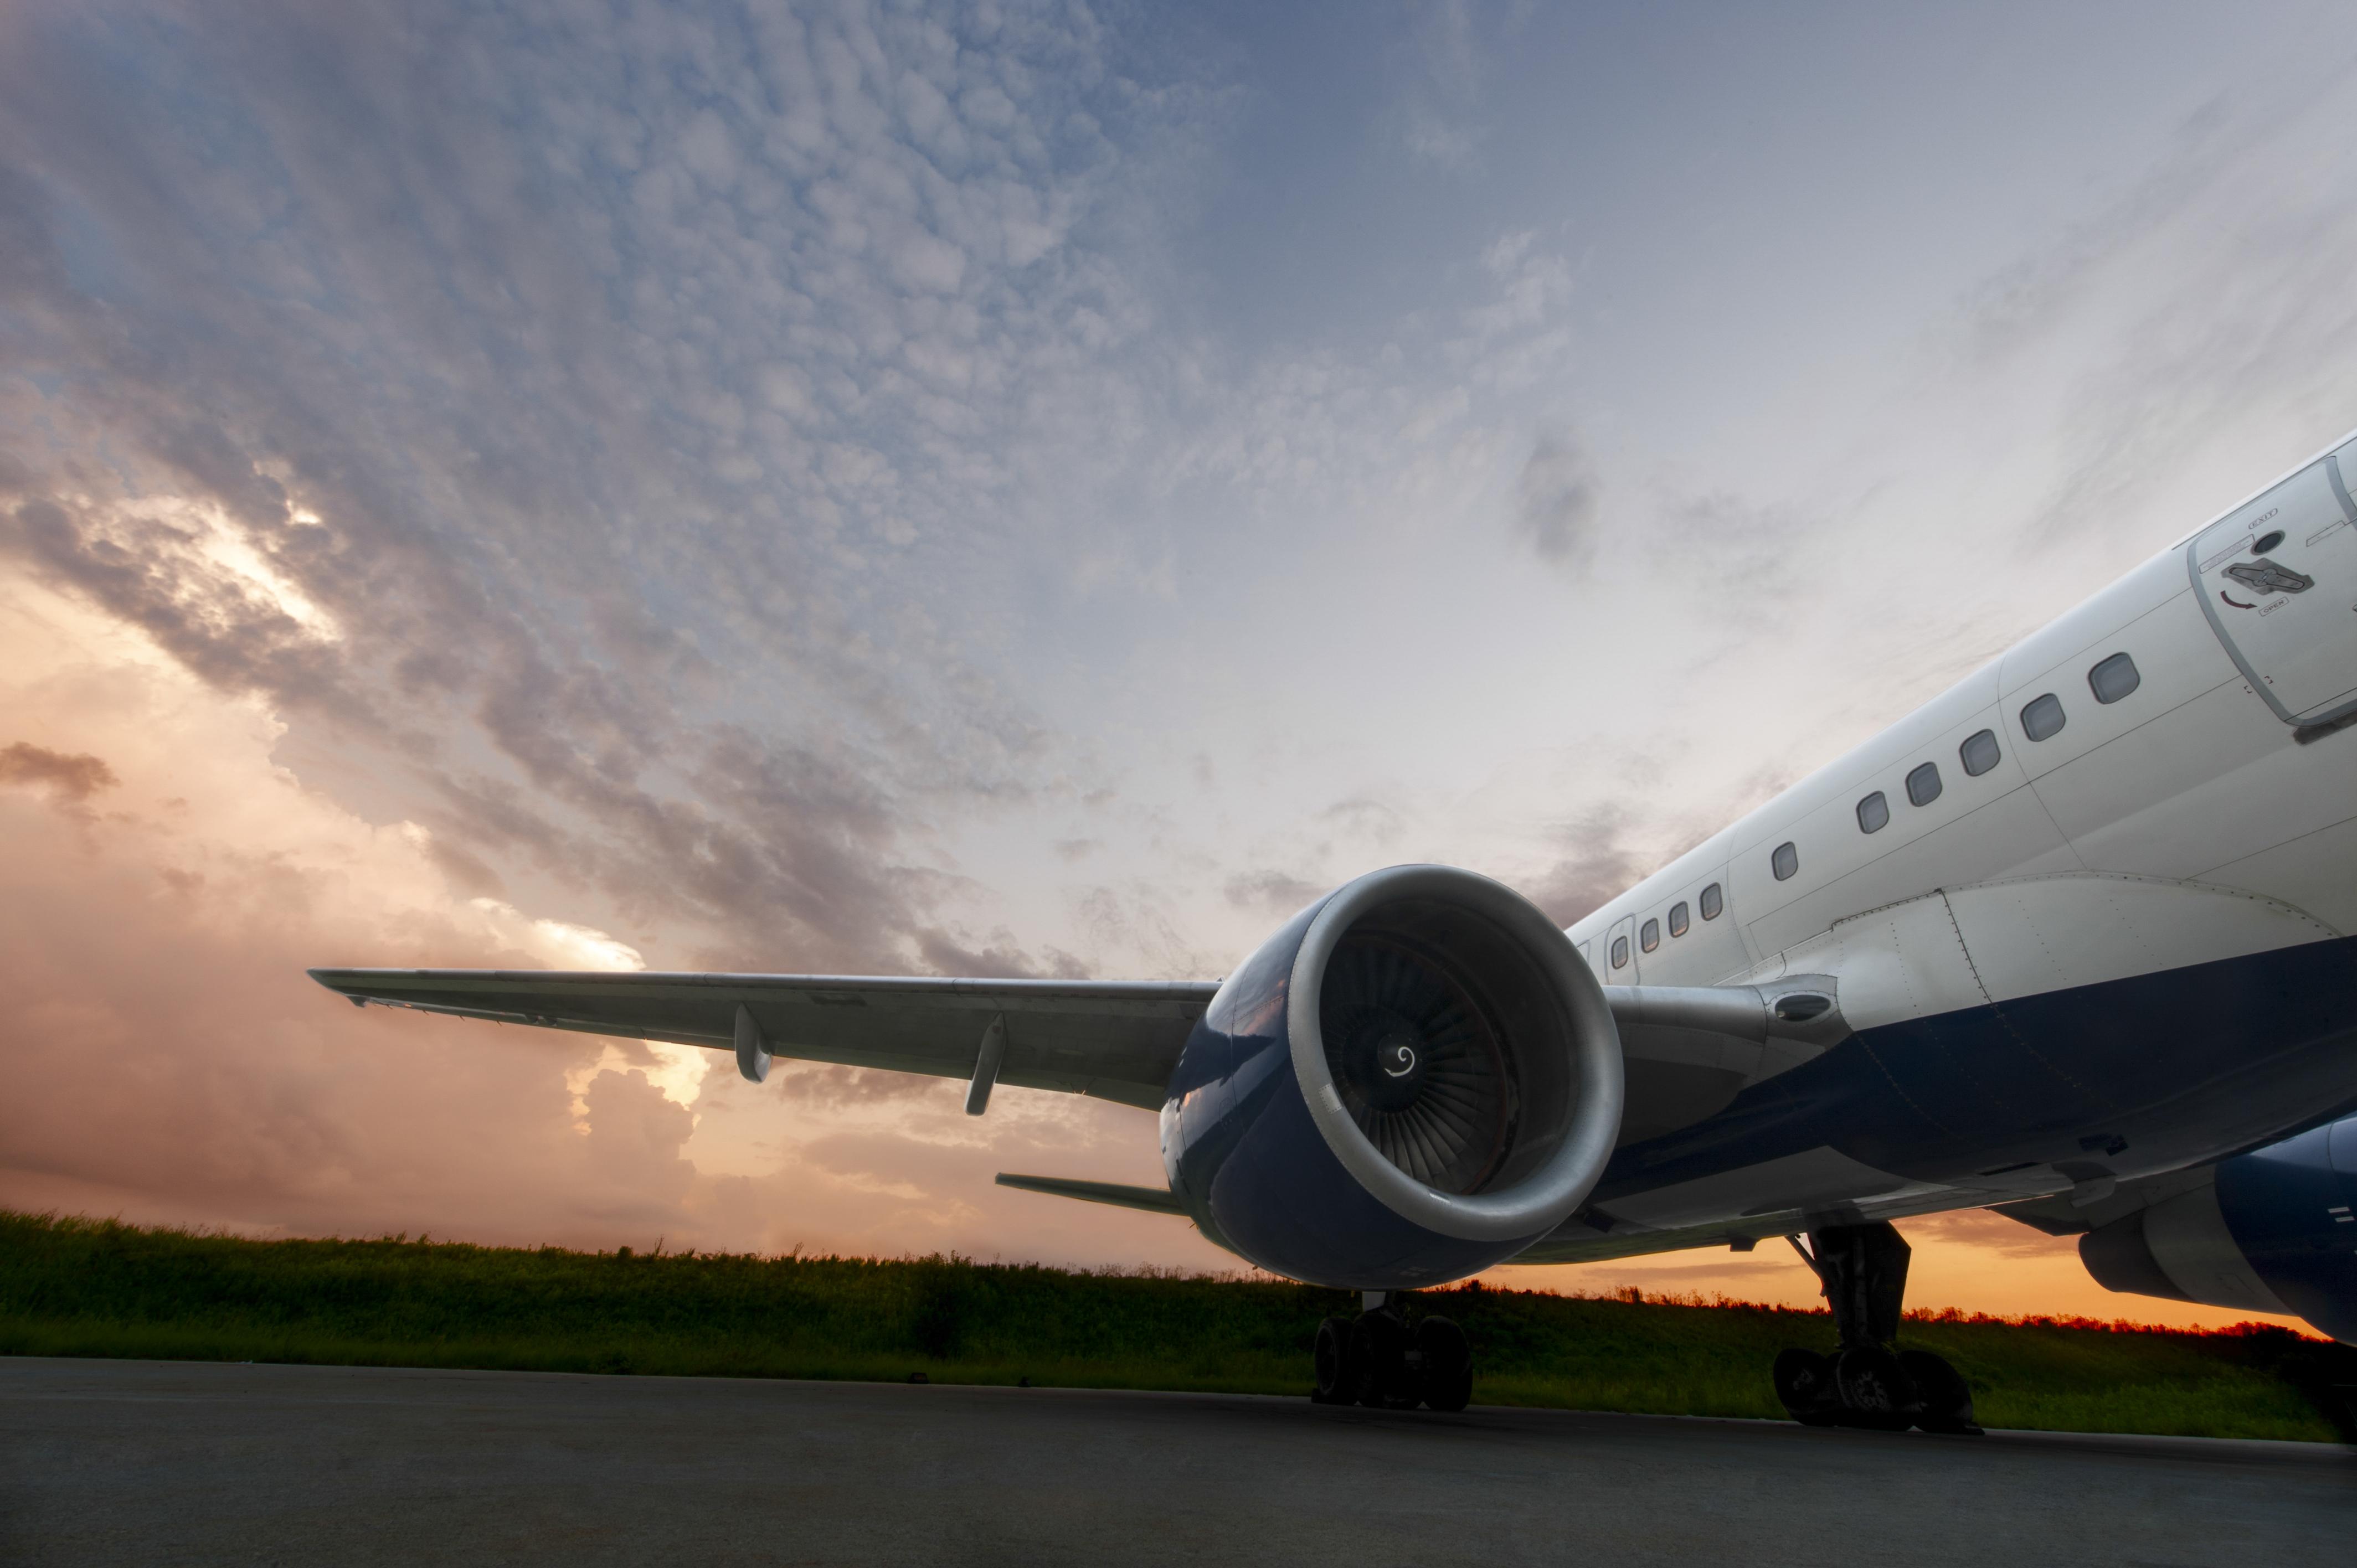 Delta Resumes Flights To Houston Following Devastating